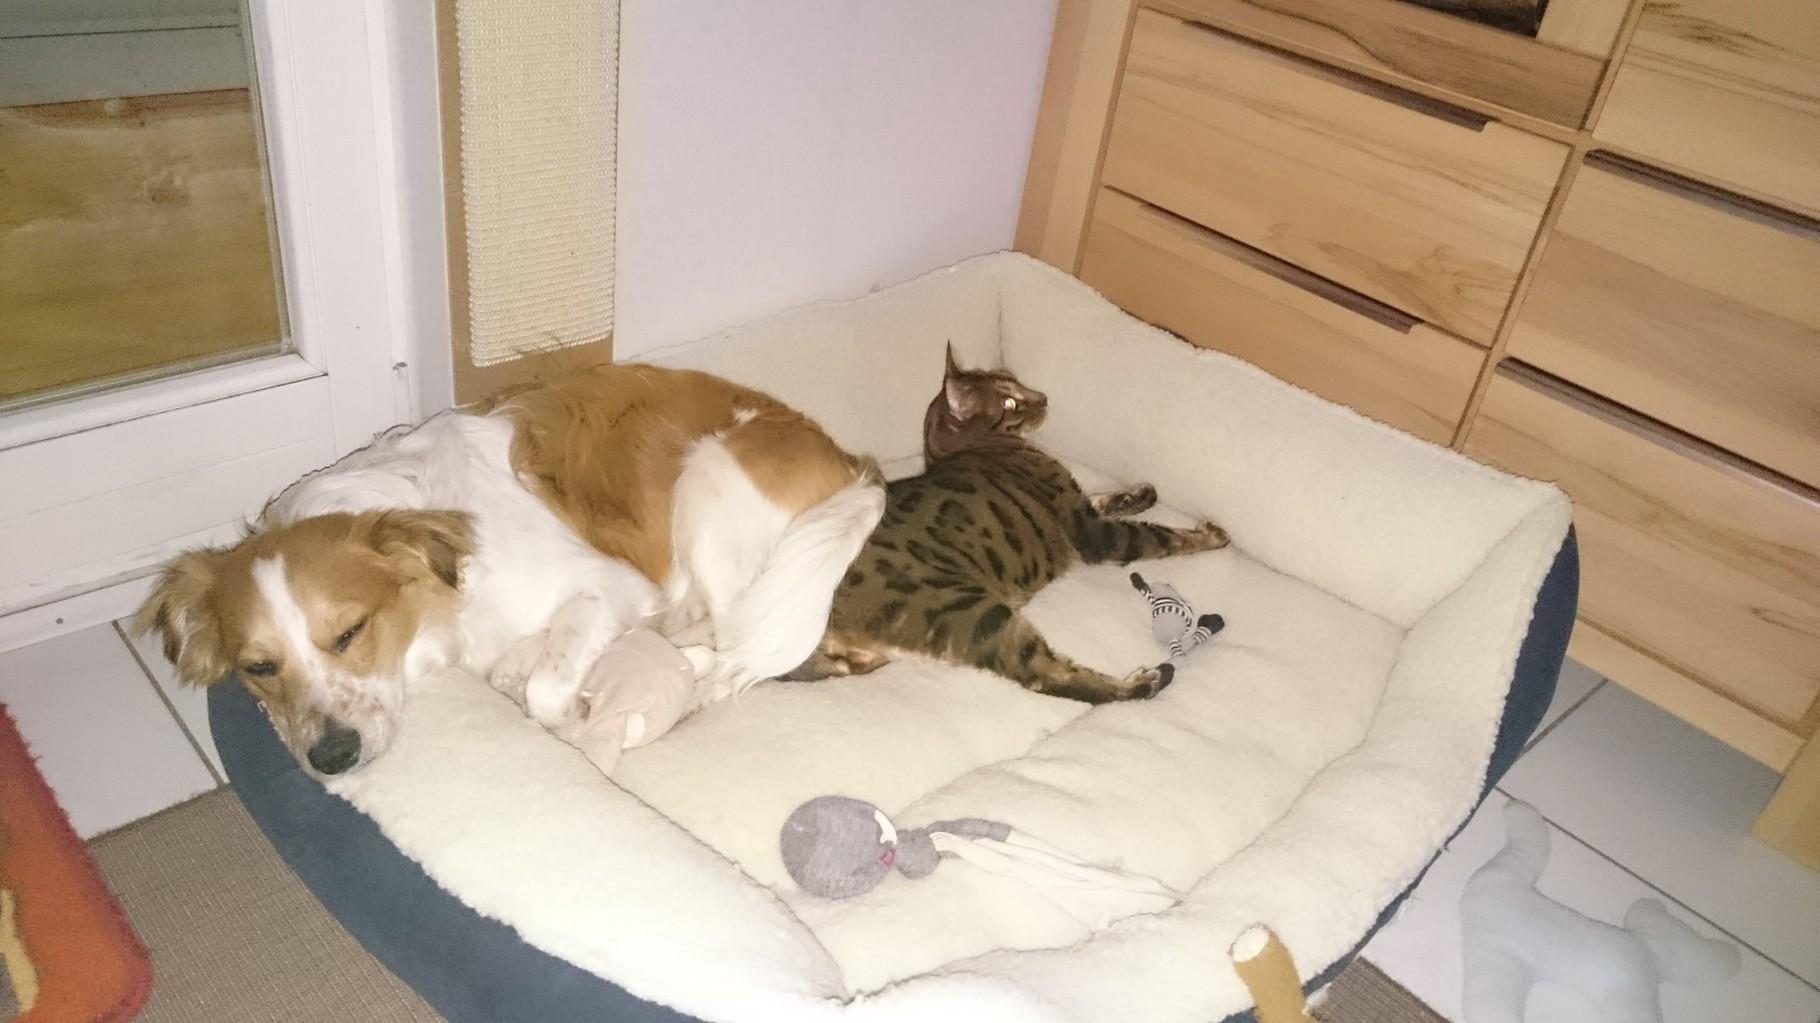 Mein Katzenkumpel Merlin ist richtig aufgetaut und mir ein guter Freund geworden!